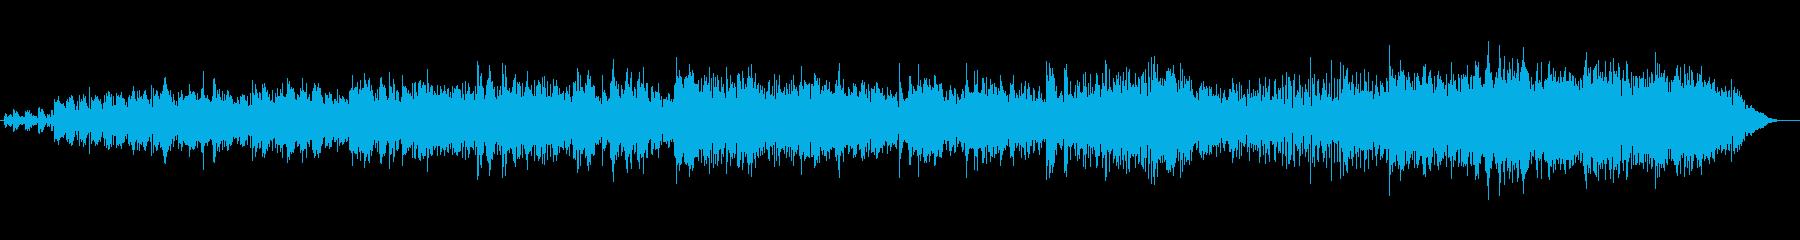 龍神祭の再生済みの波形